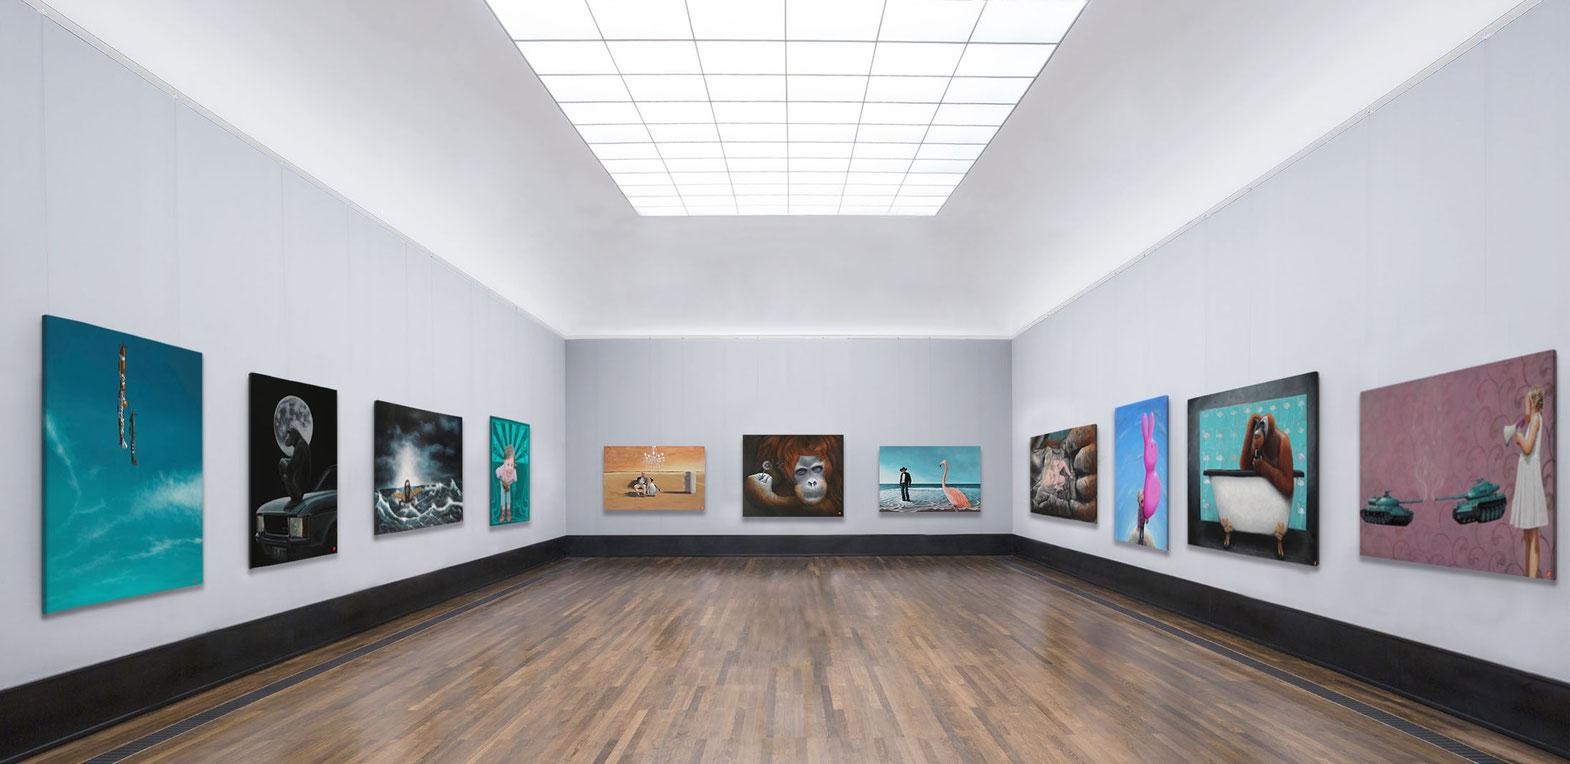 Die Kunst von Christian Ristau ist in erster Linie gegenständlich und allegorischer Natur.